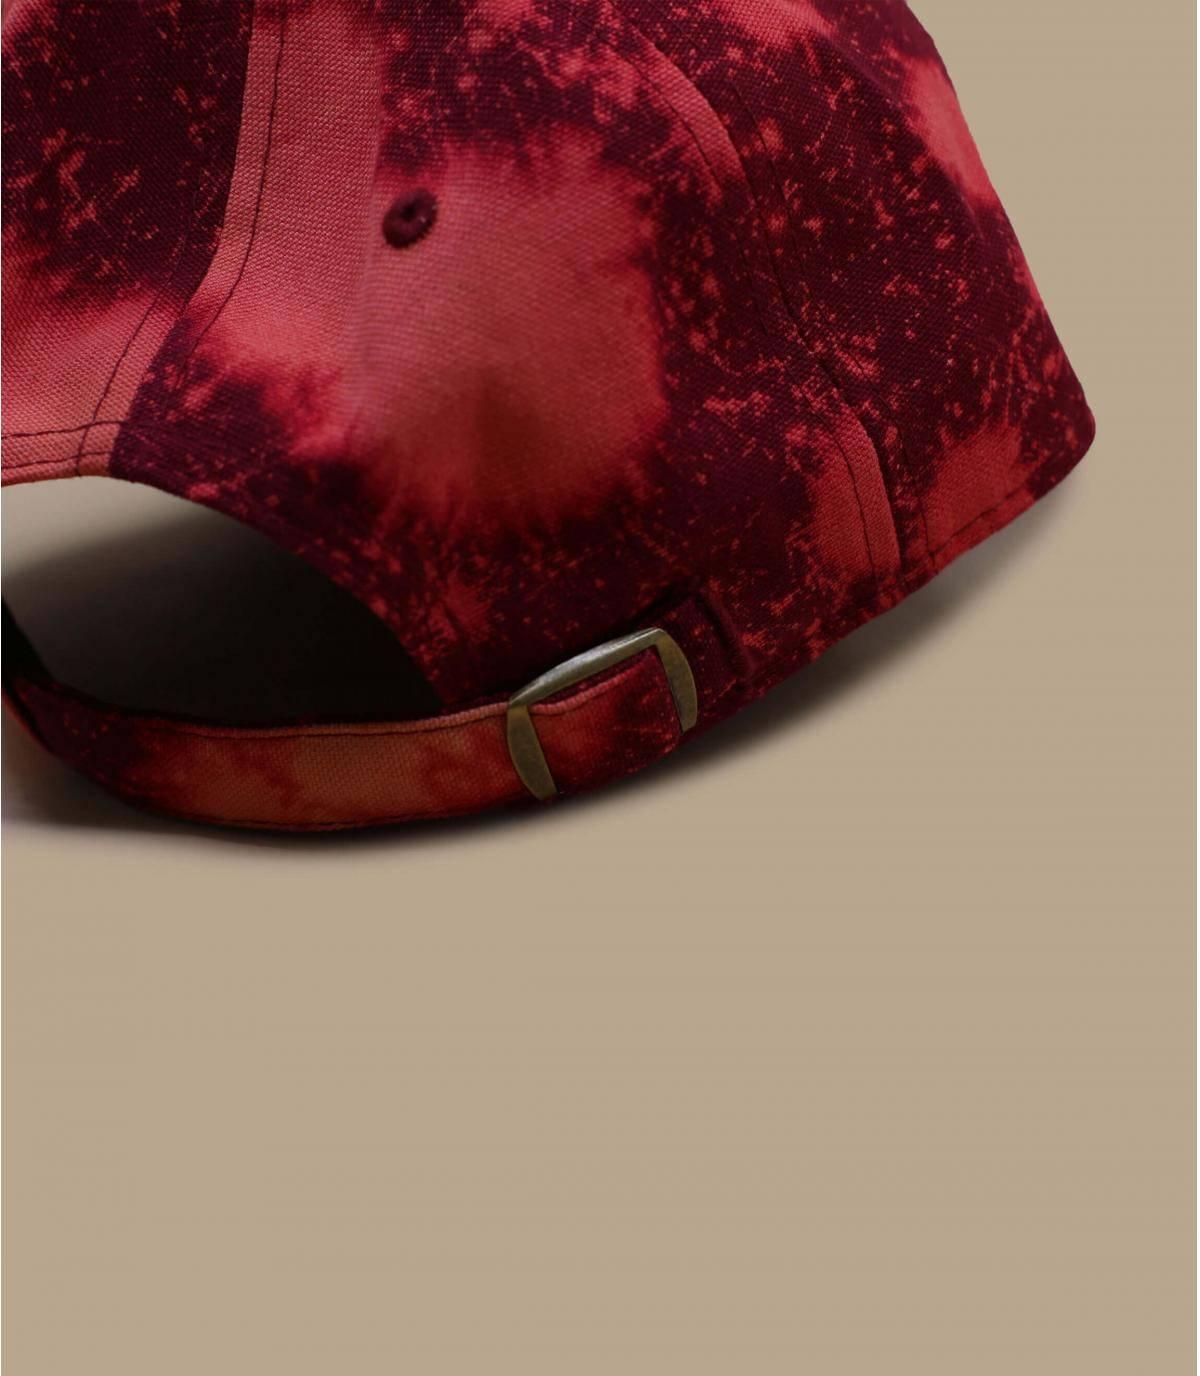 Dettagli Wash Canvas CSCL 920 NY hot red - image 4